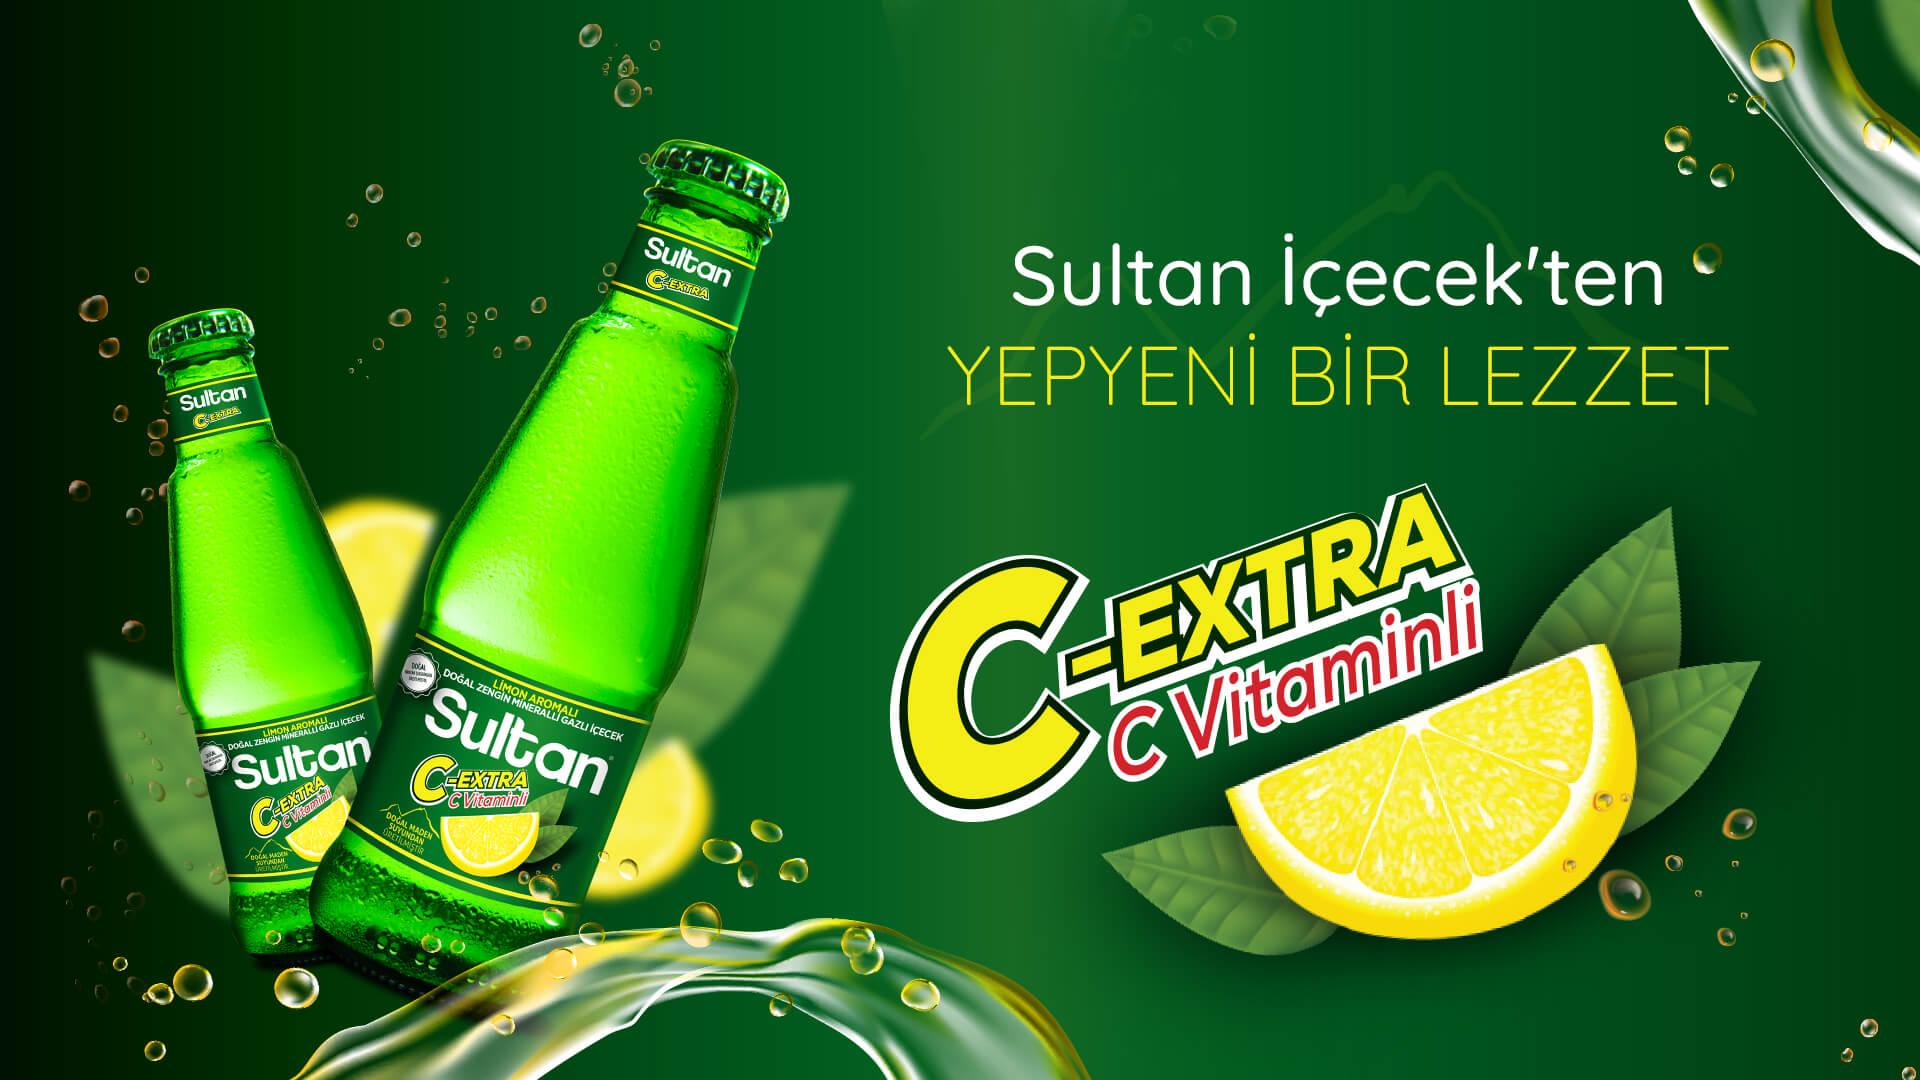 Sultan İçecek'ten Yepyeni Bir Lezzet: Sultan C-Extra!